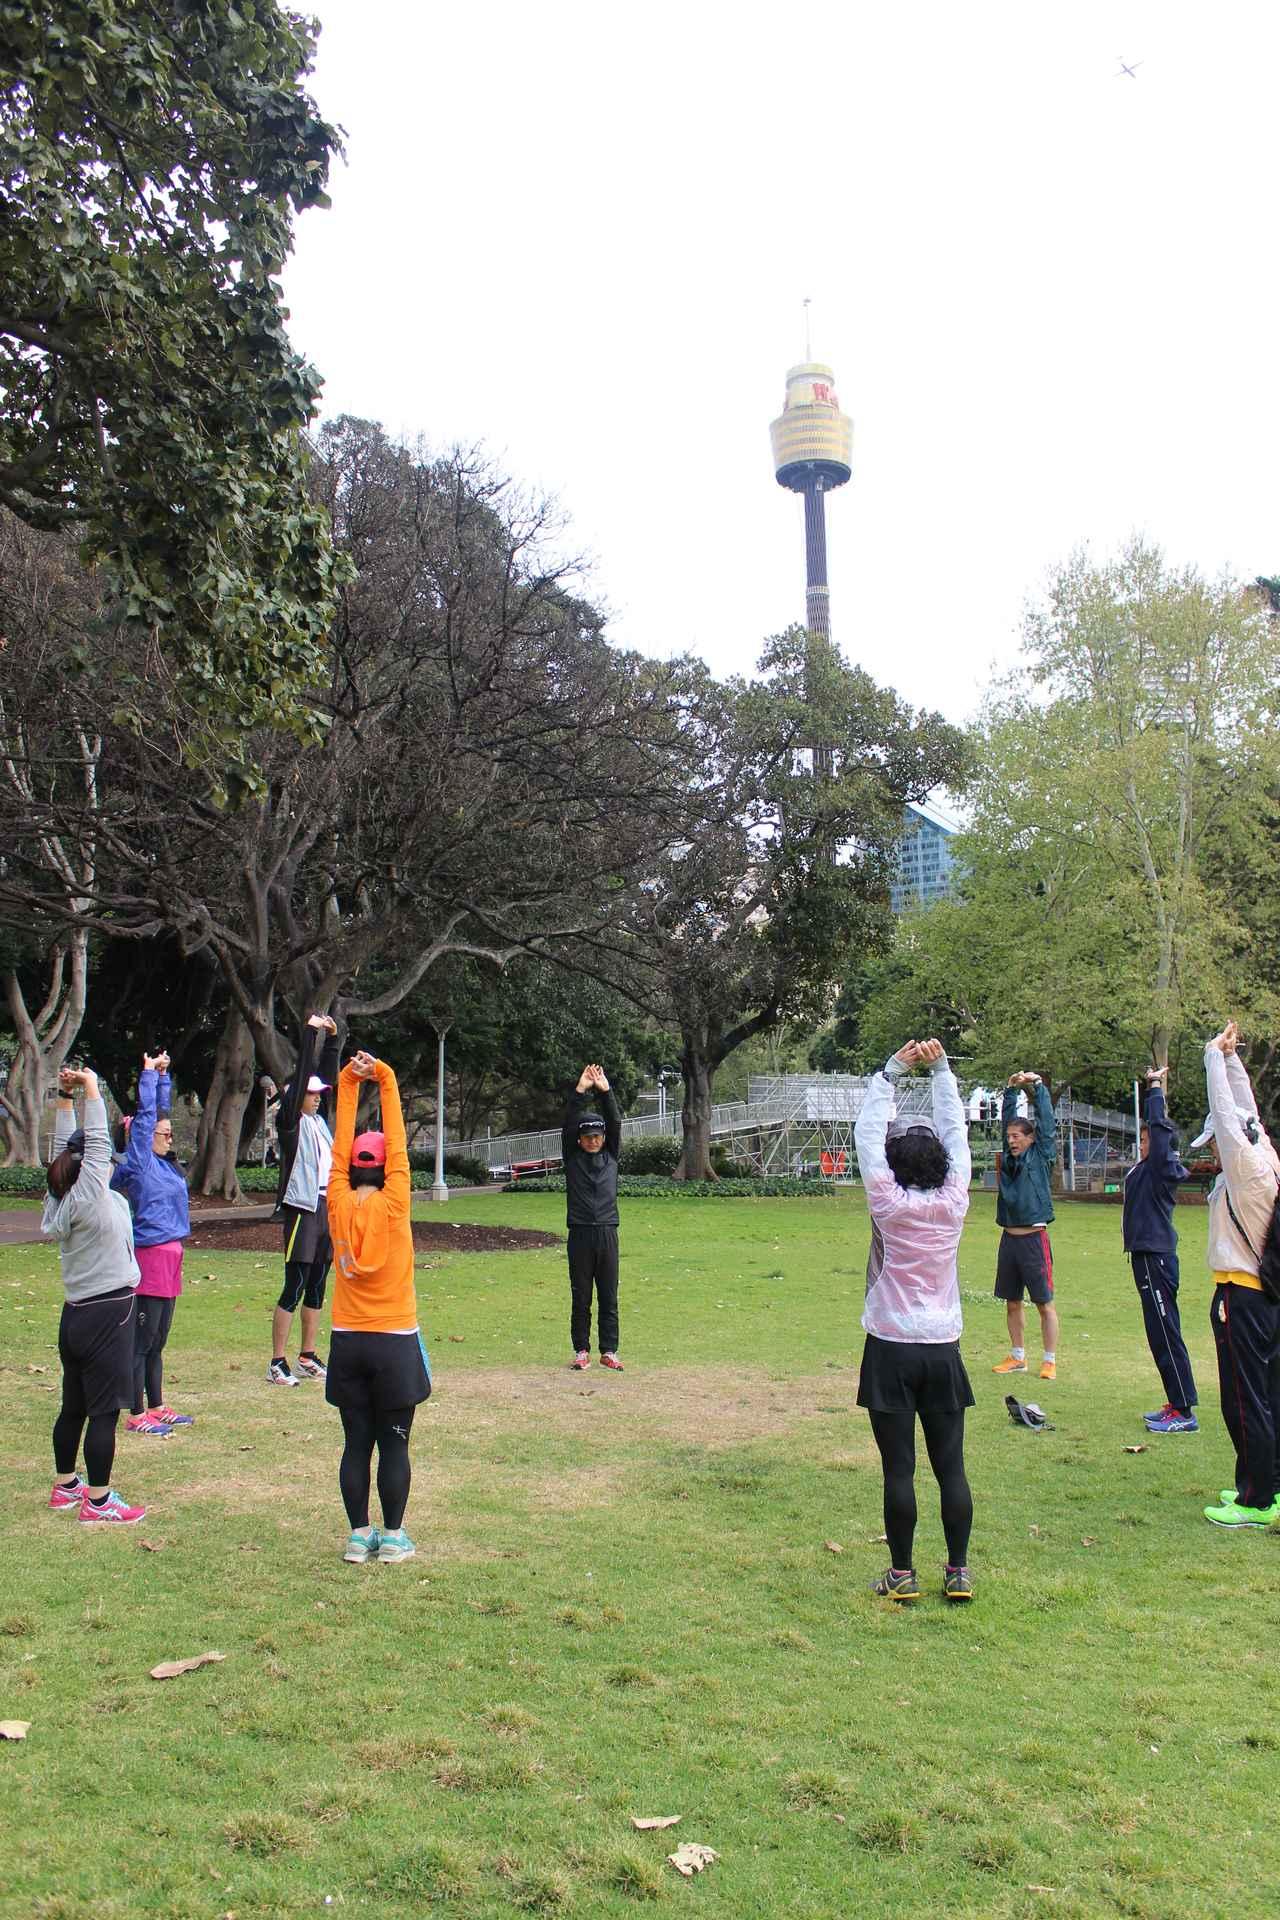 画像1: 金コーチによるプログラムが盛りだくさん!しっかりマラソンに備えます